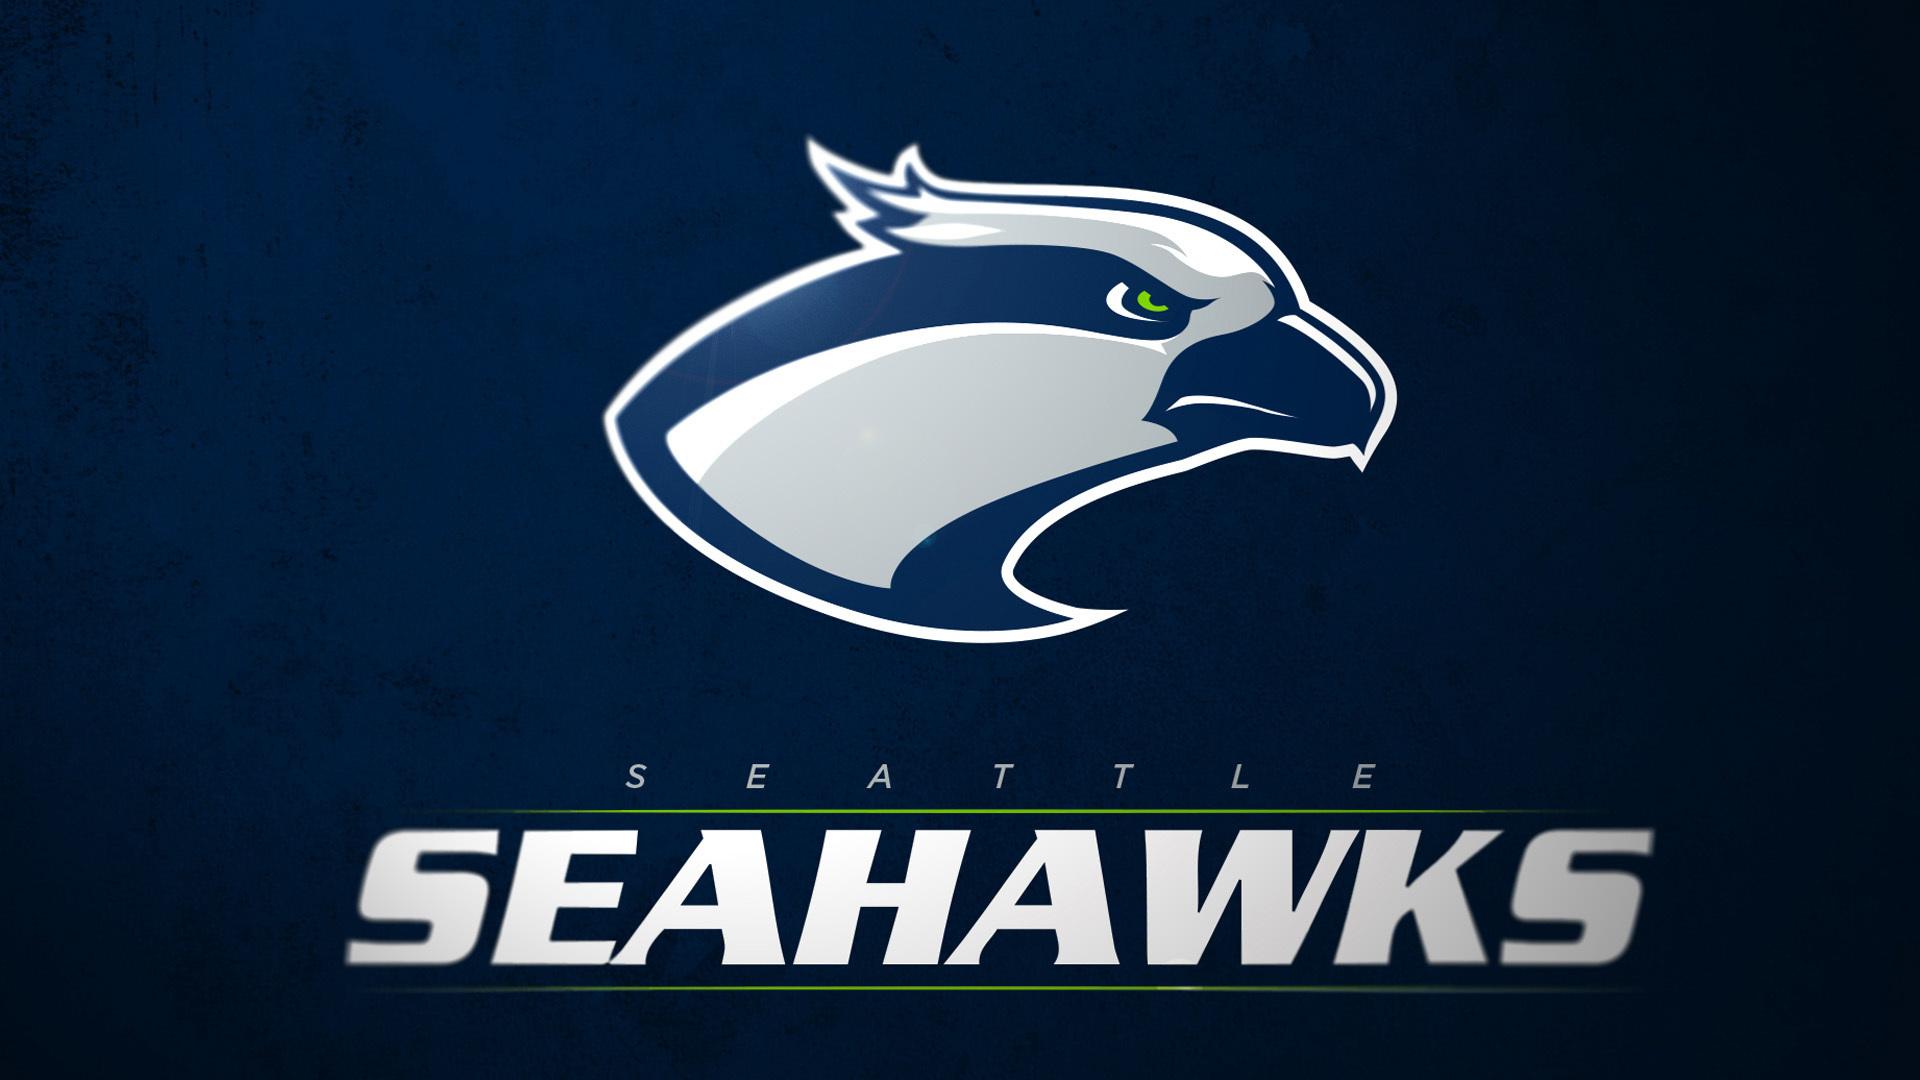 Seattle Seahawks Hd